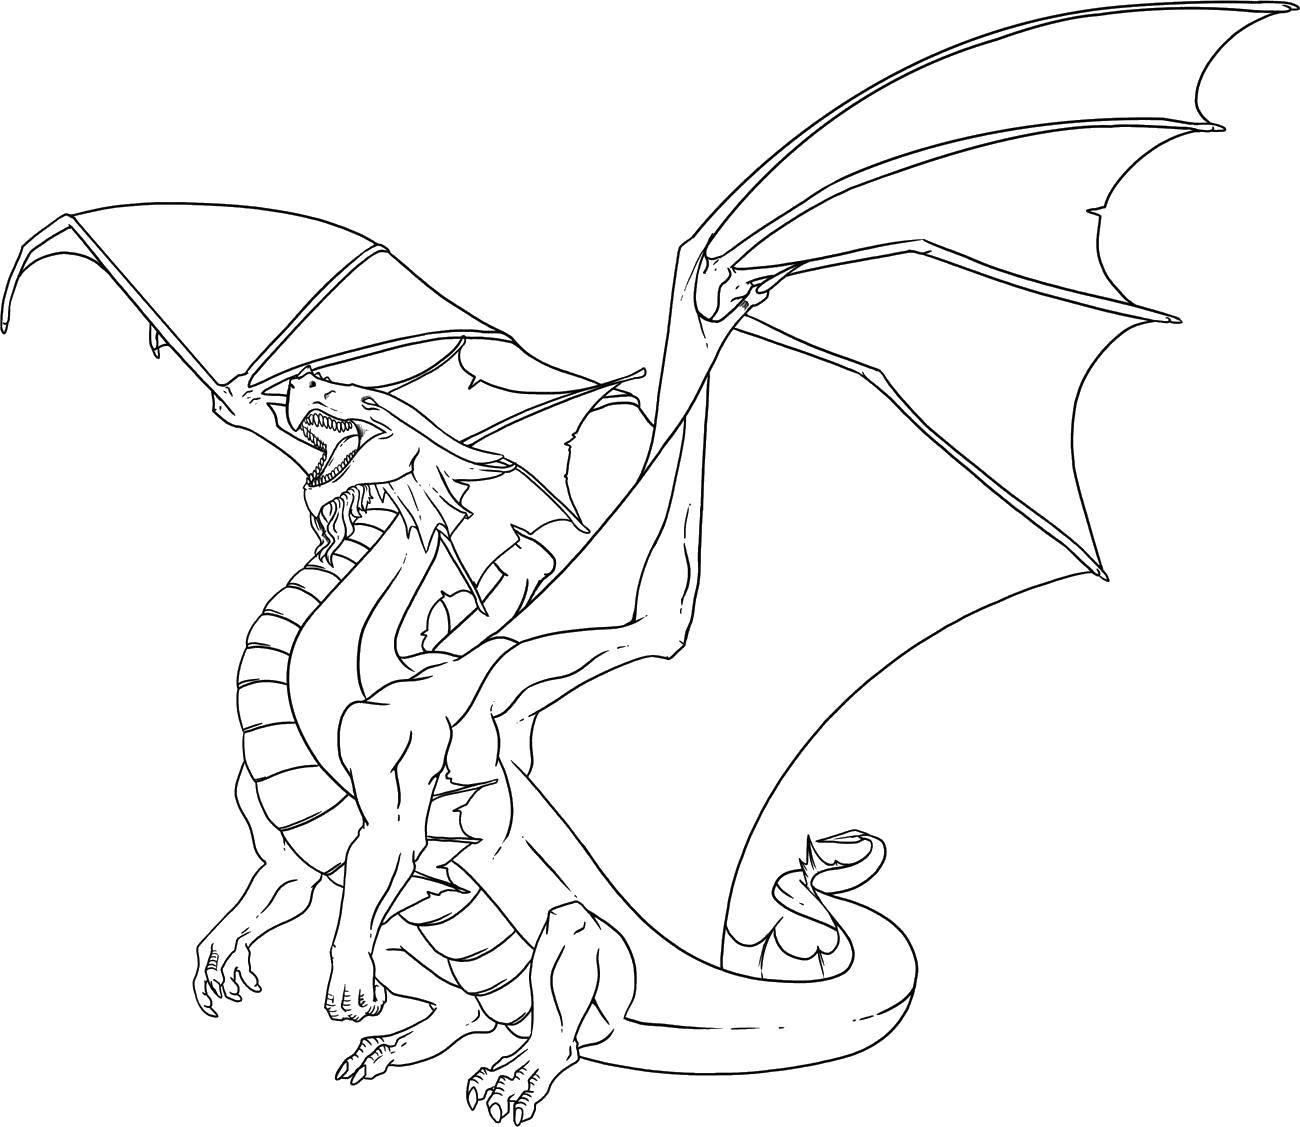 Раскраска Драконы Скачать Игры, Angry Birds .  Распечатать ,Персонаж из игры,